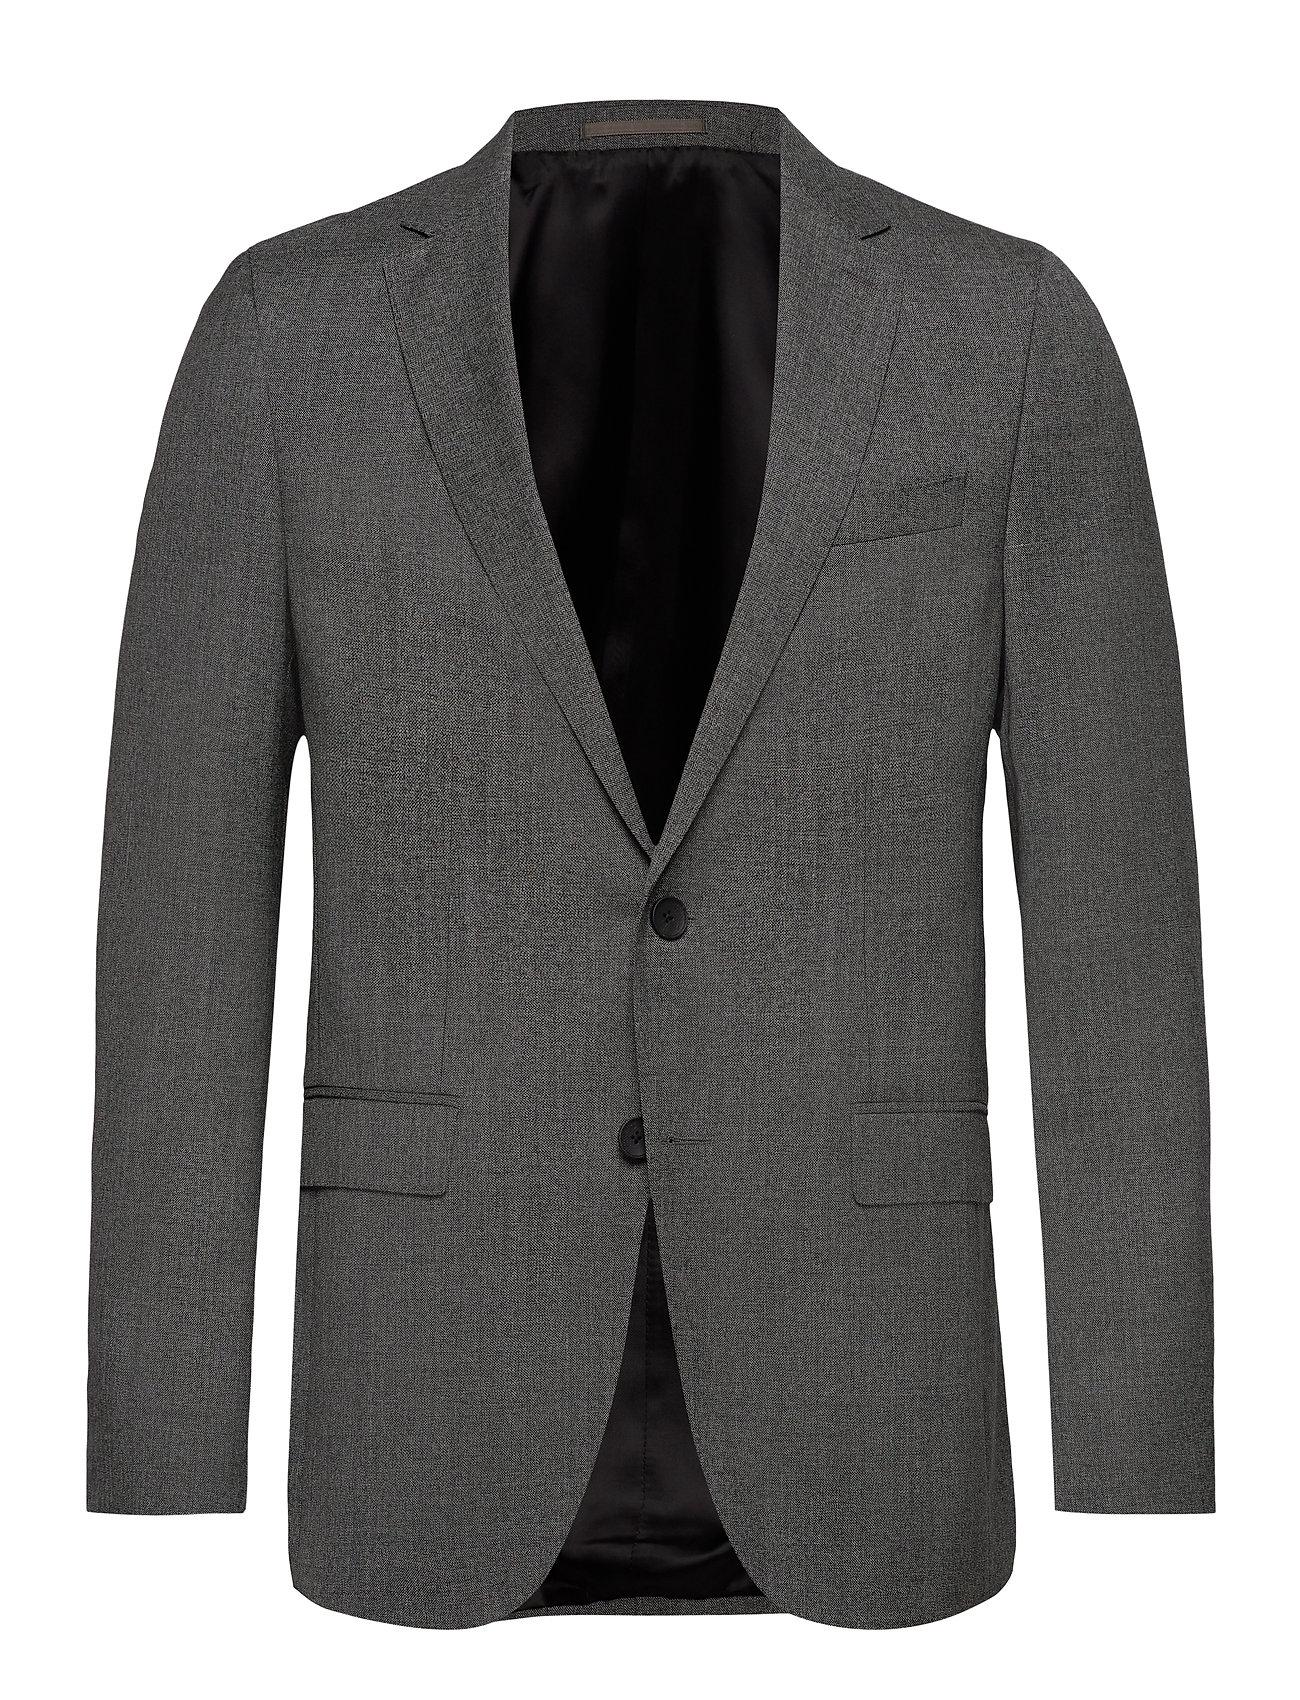 BOSS Business Wear Novan6 - OPEN GREY